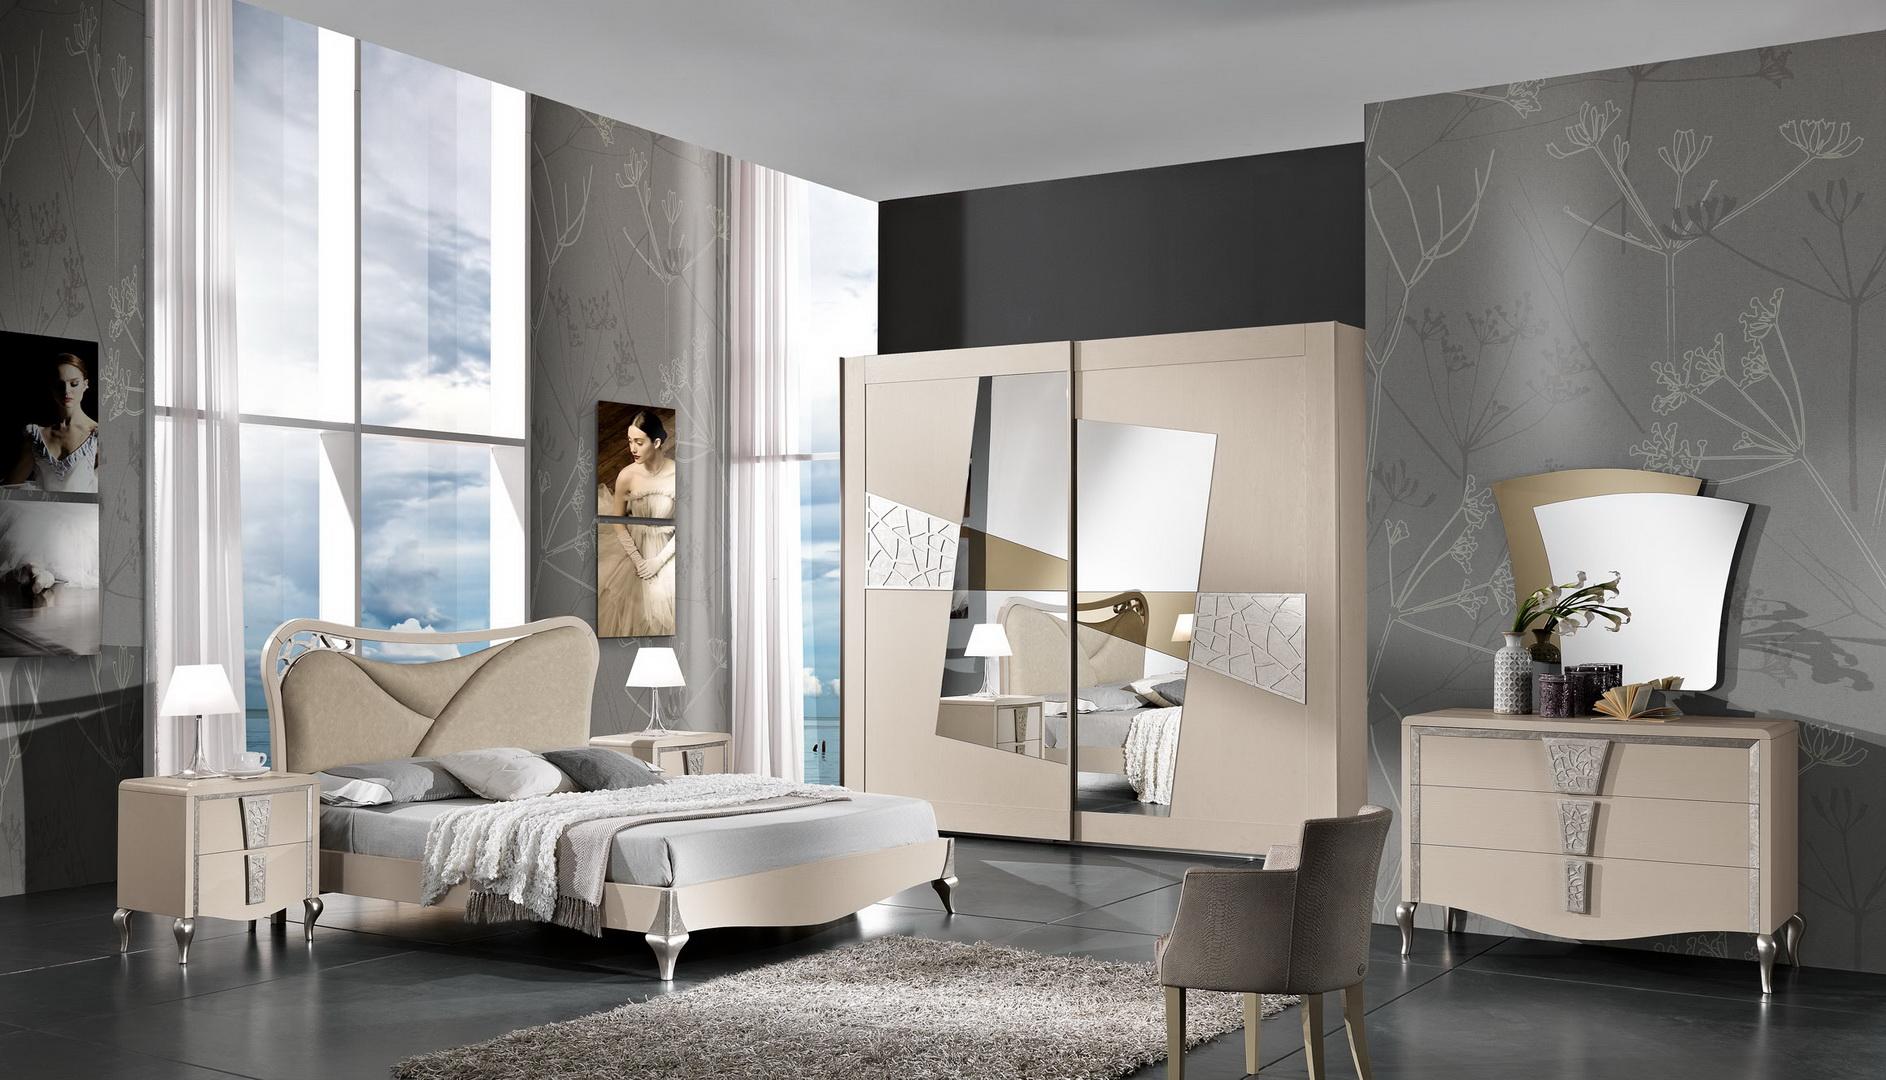 Camera da letto sb10007 c4 home arredamenti cosenza for Camere da letto economiche prezzi